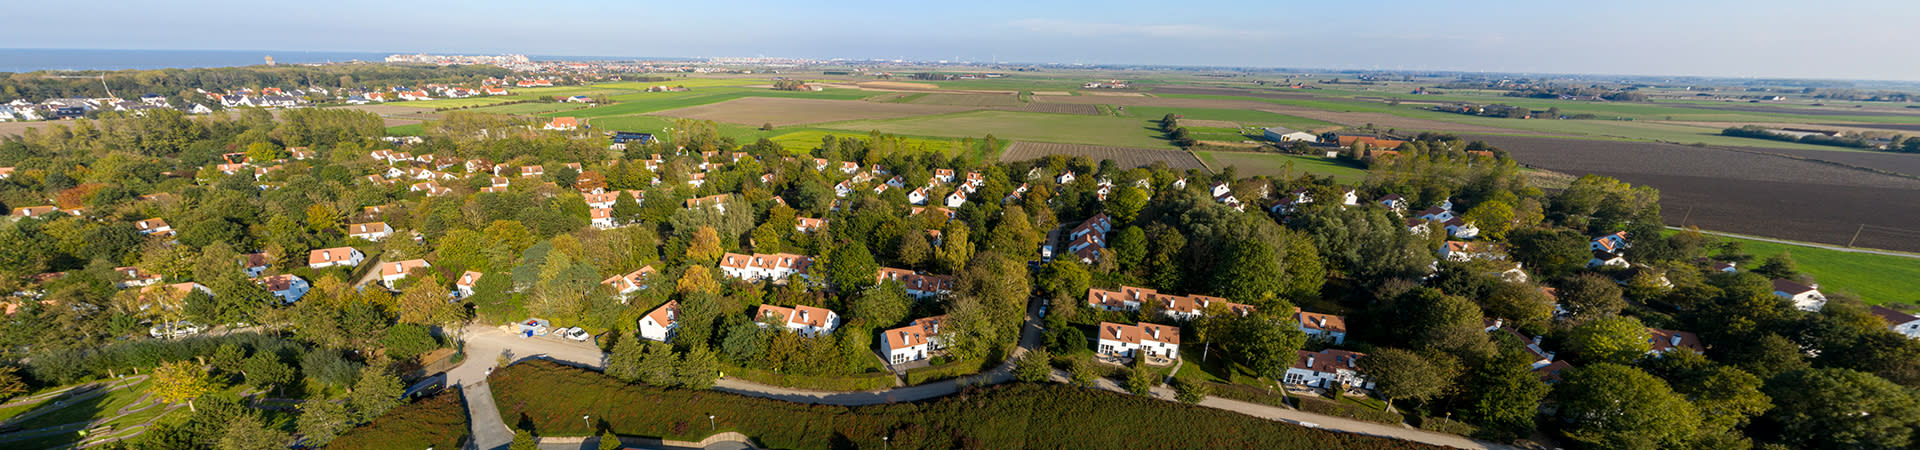 כפר הנופש דה האן  1- בבלגיה